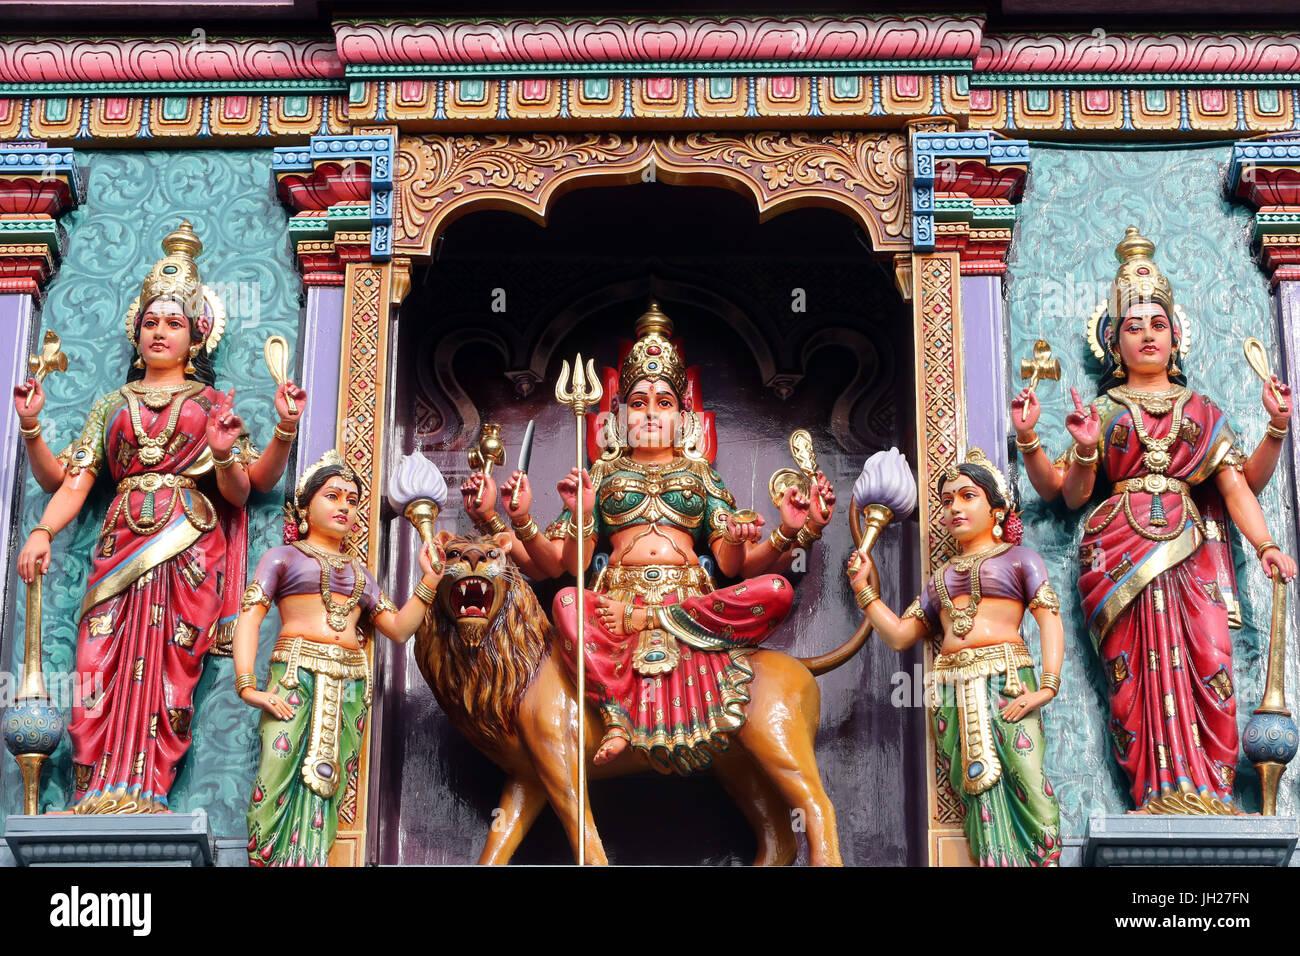 Sri Vadapathira Kaliamman hindu temple. Hindu deities.  Singapore. - Stock Image